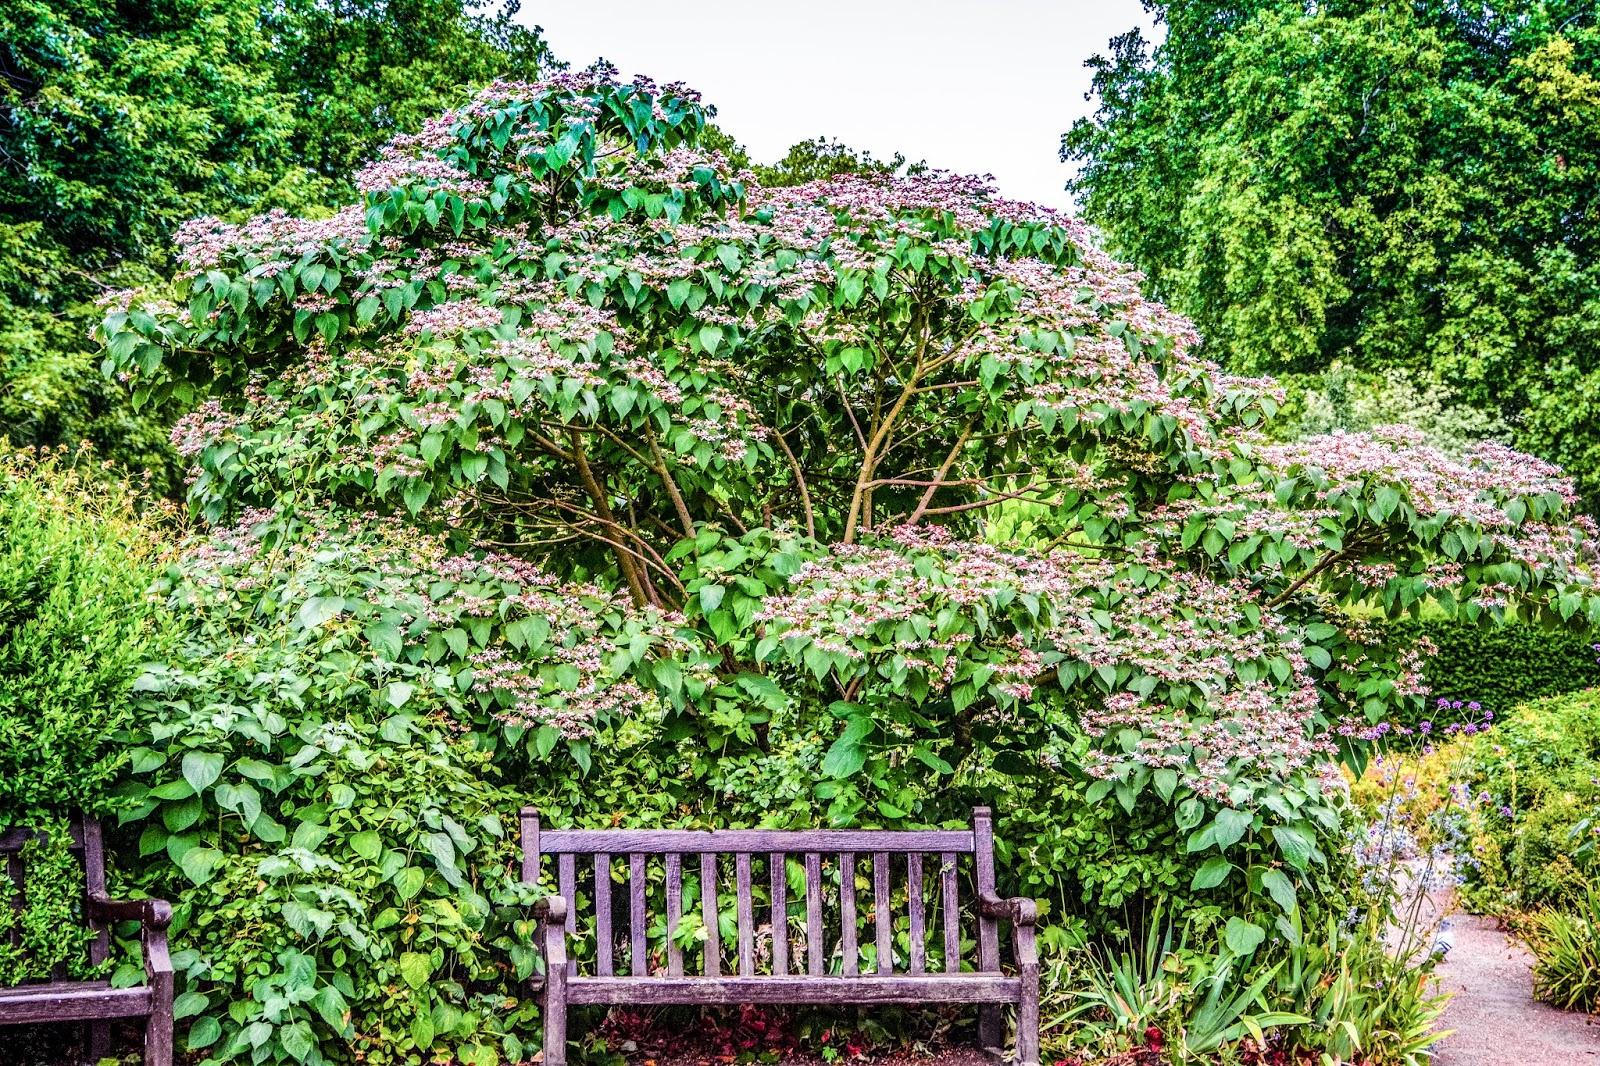 Queen's Rose Garden